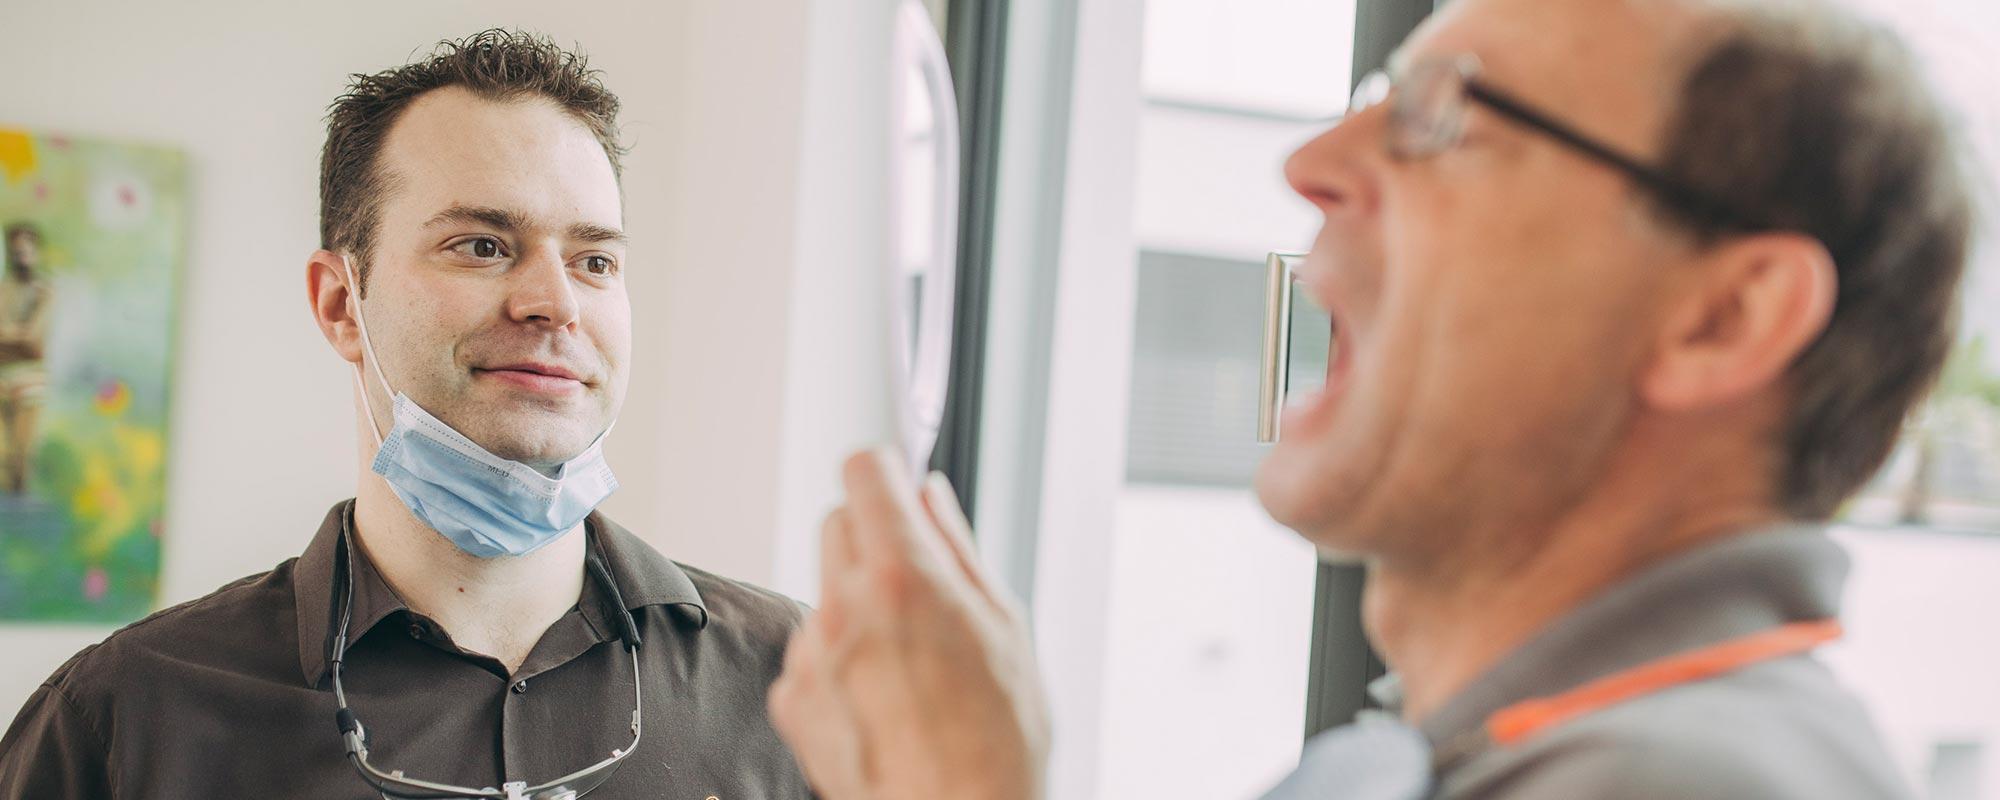 Dr. Andreas Euchner hat mit Zahnumformung in Baden-Baden Patienten geholfen, der im Spiegel das Ergebnis betrachtet.